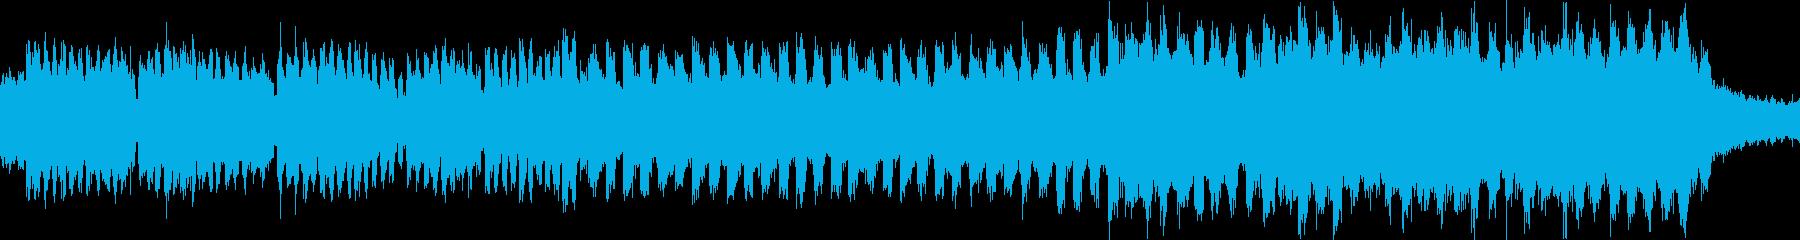 ピアノがキラキラしたJPOP風曲ループbの再生済みの波形